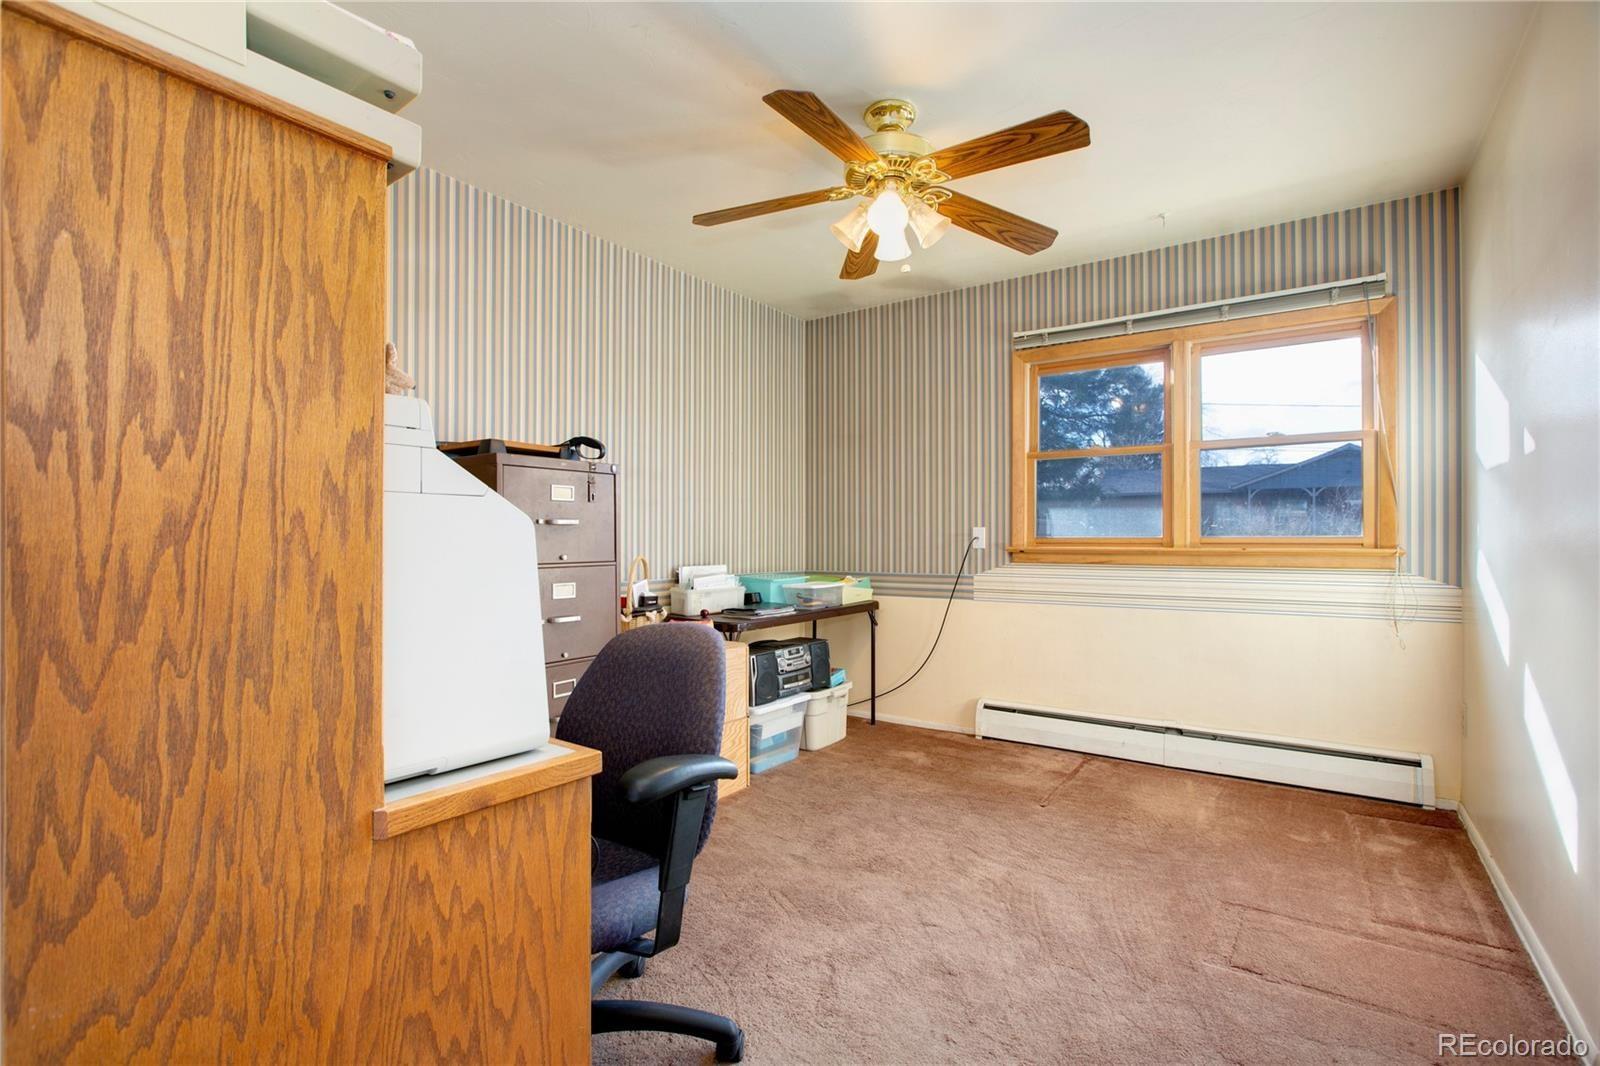 MLS# 4563423 - 18 - 3425 S Pierce Street, Lakewood, CO 80227